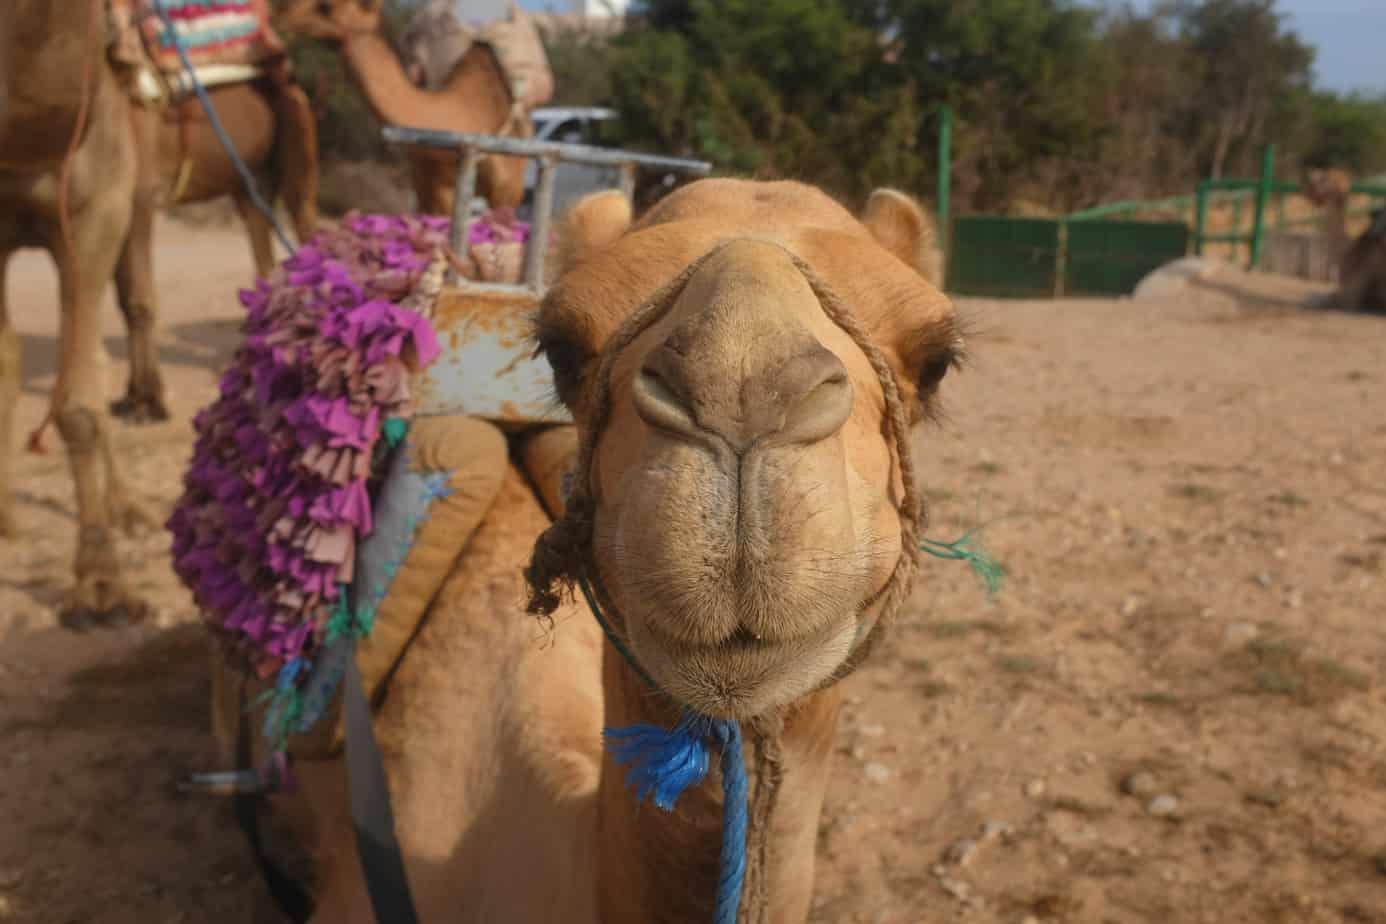 Camel, adventure opportunities